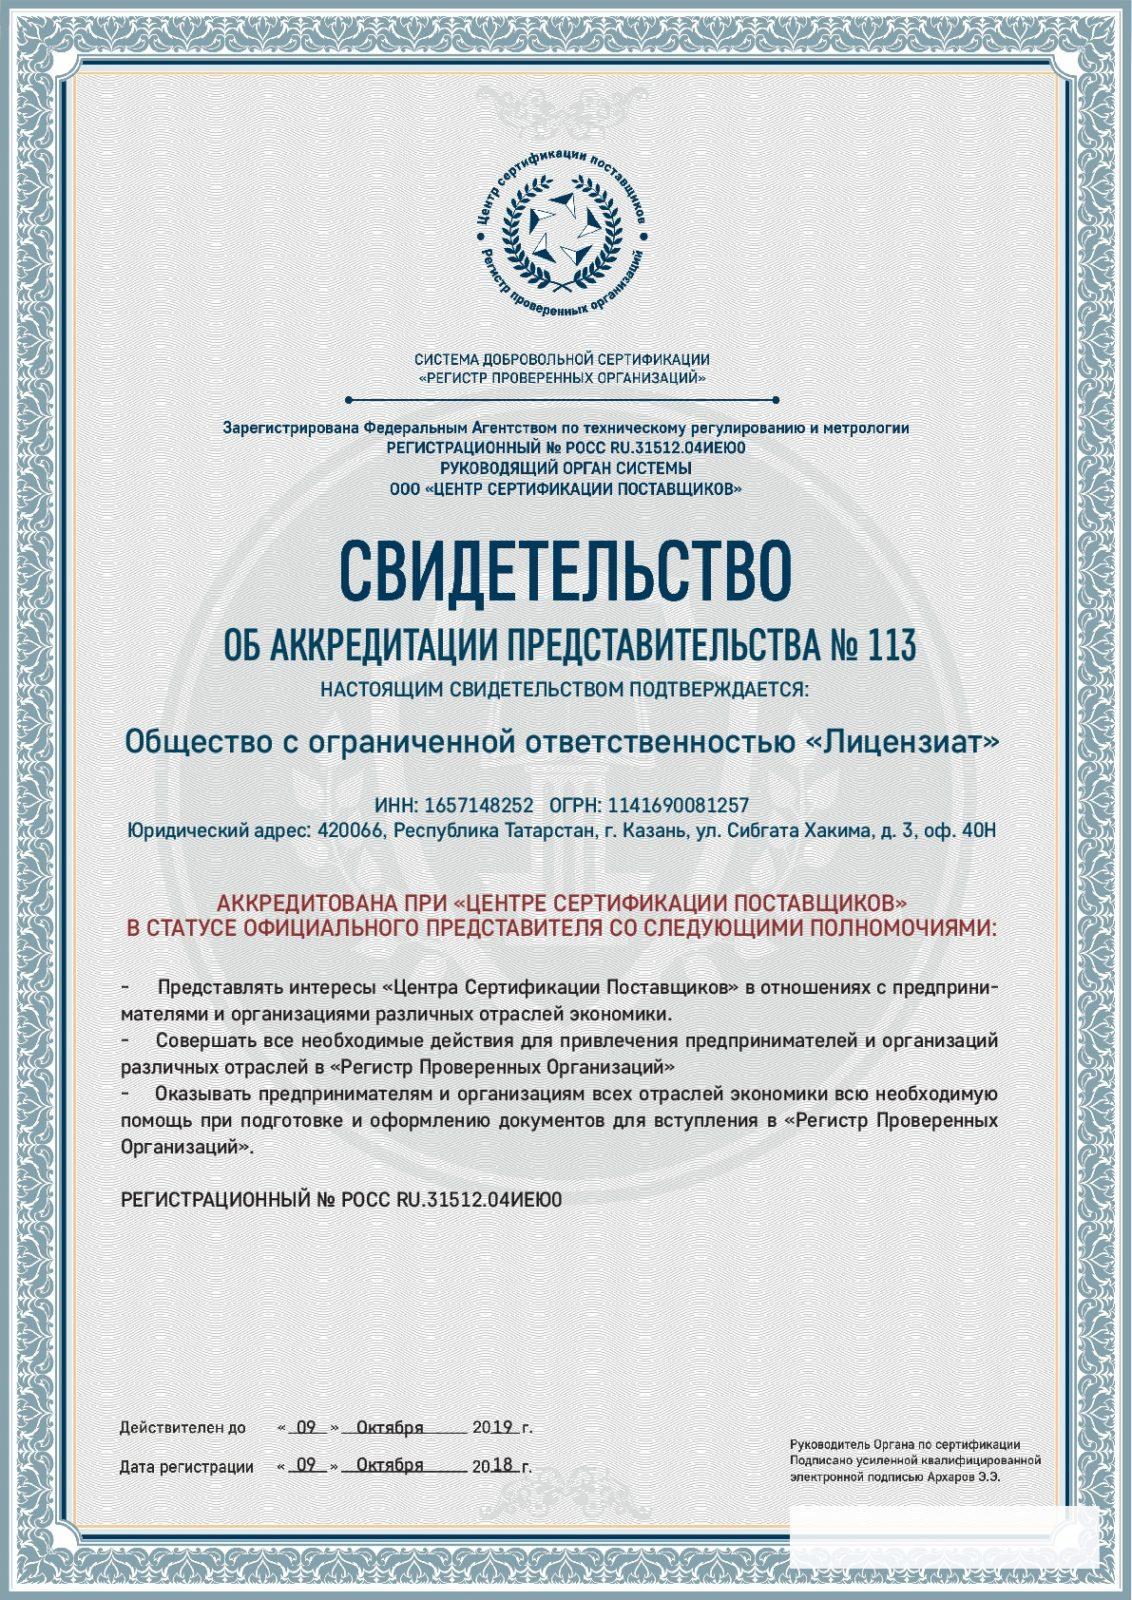 Оформление сертификата ГОСТ РПО 2016:2018 (Регистр проверенных организаций) для строительных компаний